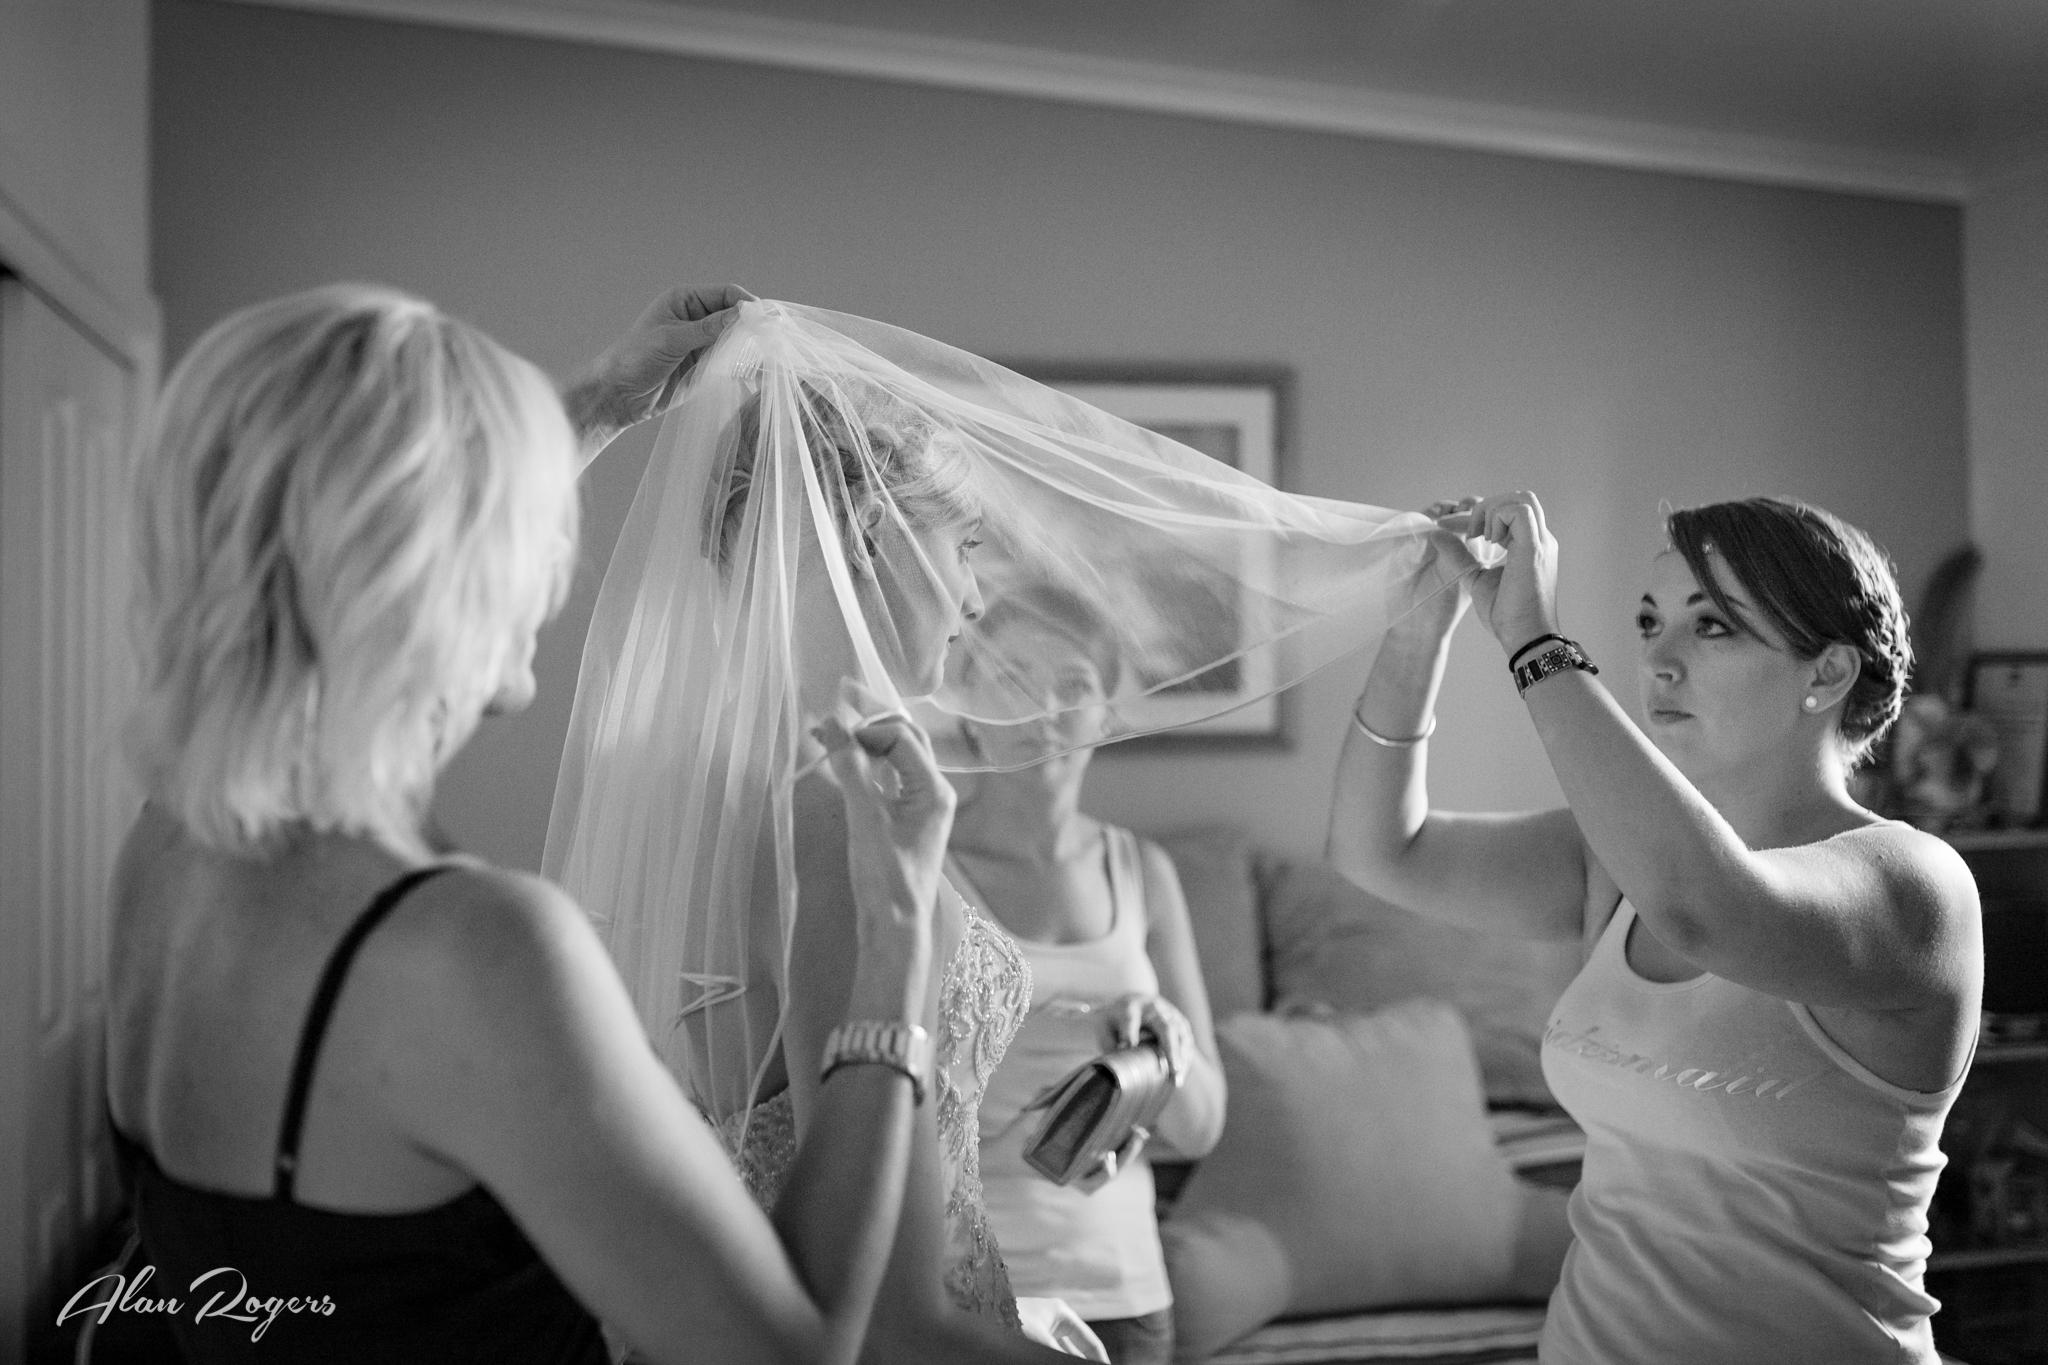 Adjusting the veil.